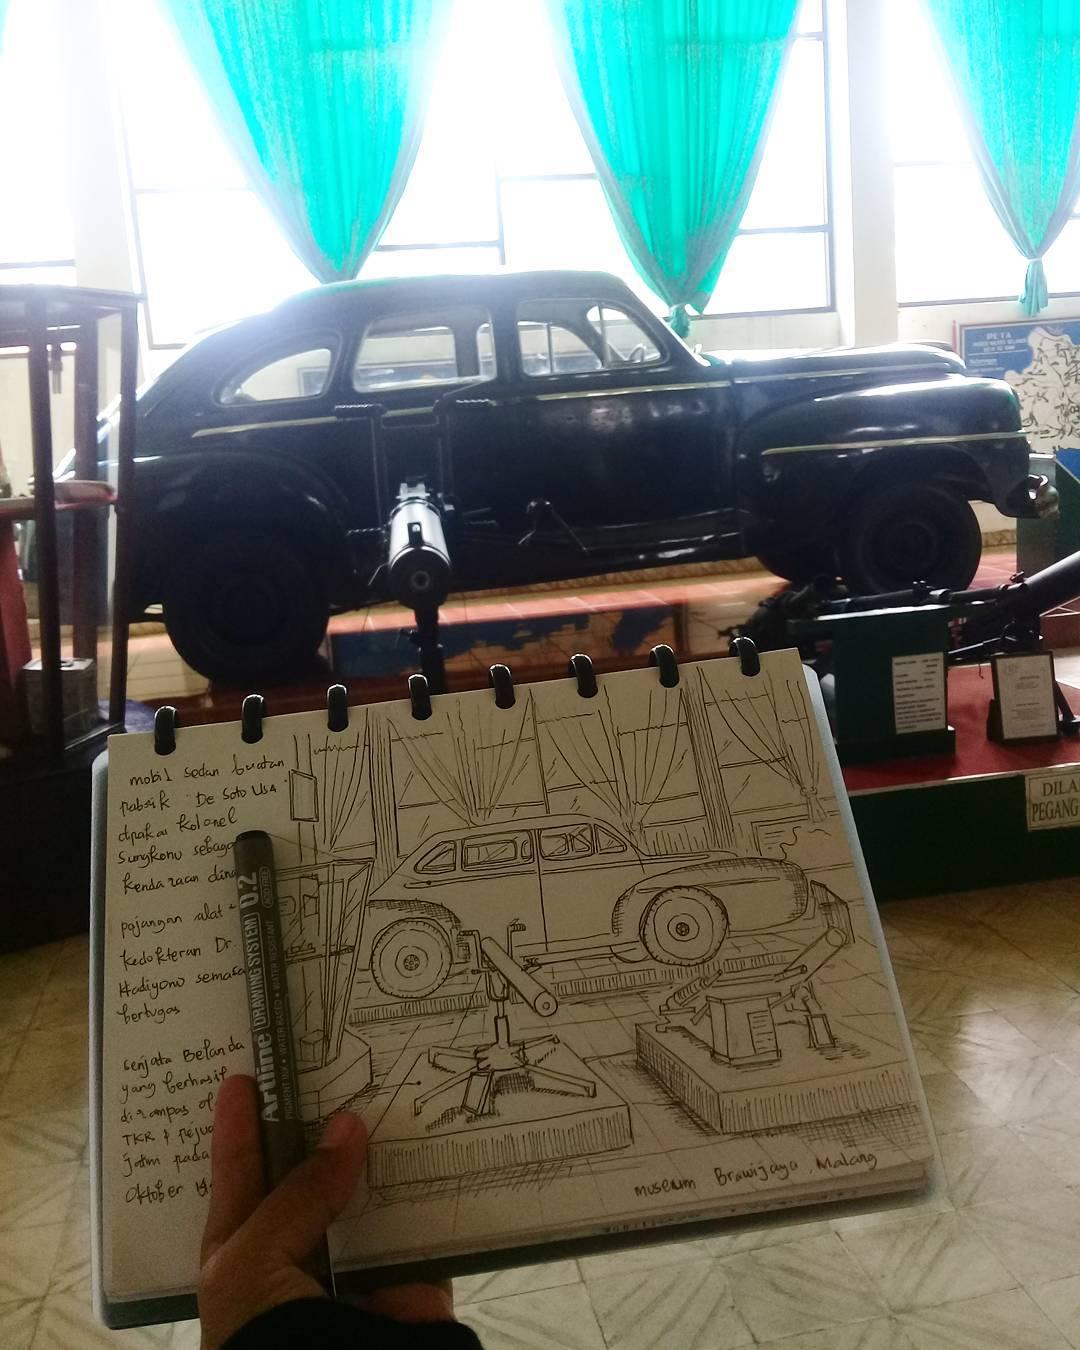 Museum Brawijaya, Museum Brawijaya Malang, Malang, Kota Malang, Dolan Dolen, Dolaners Museum Brawijaya via fitryatika - Dolan Dolen